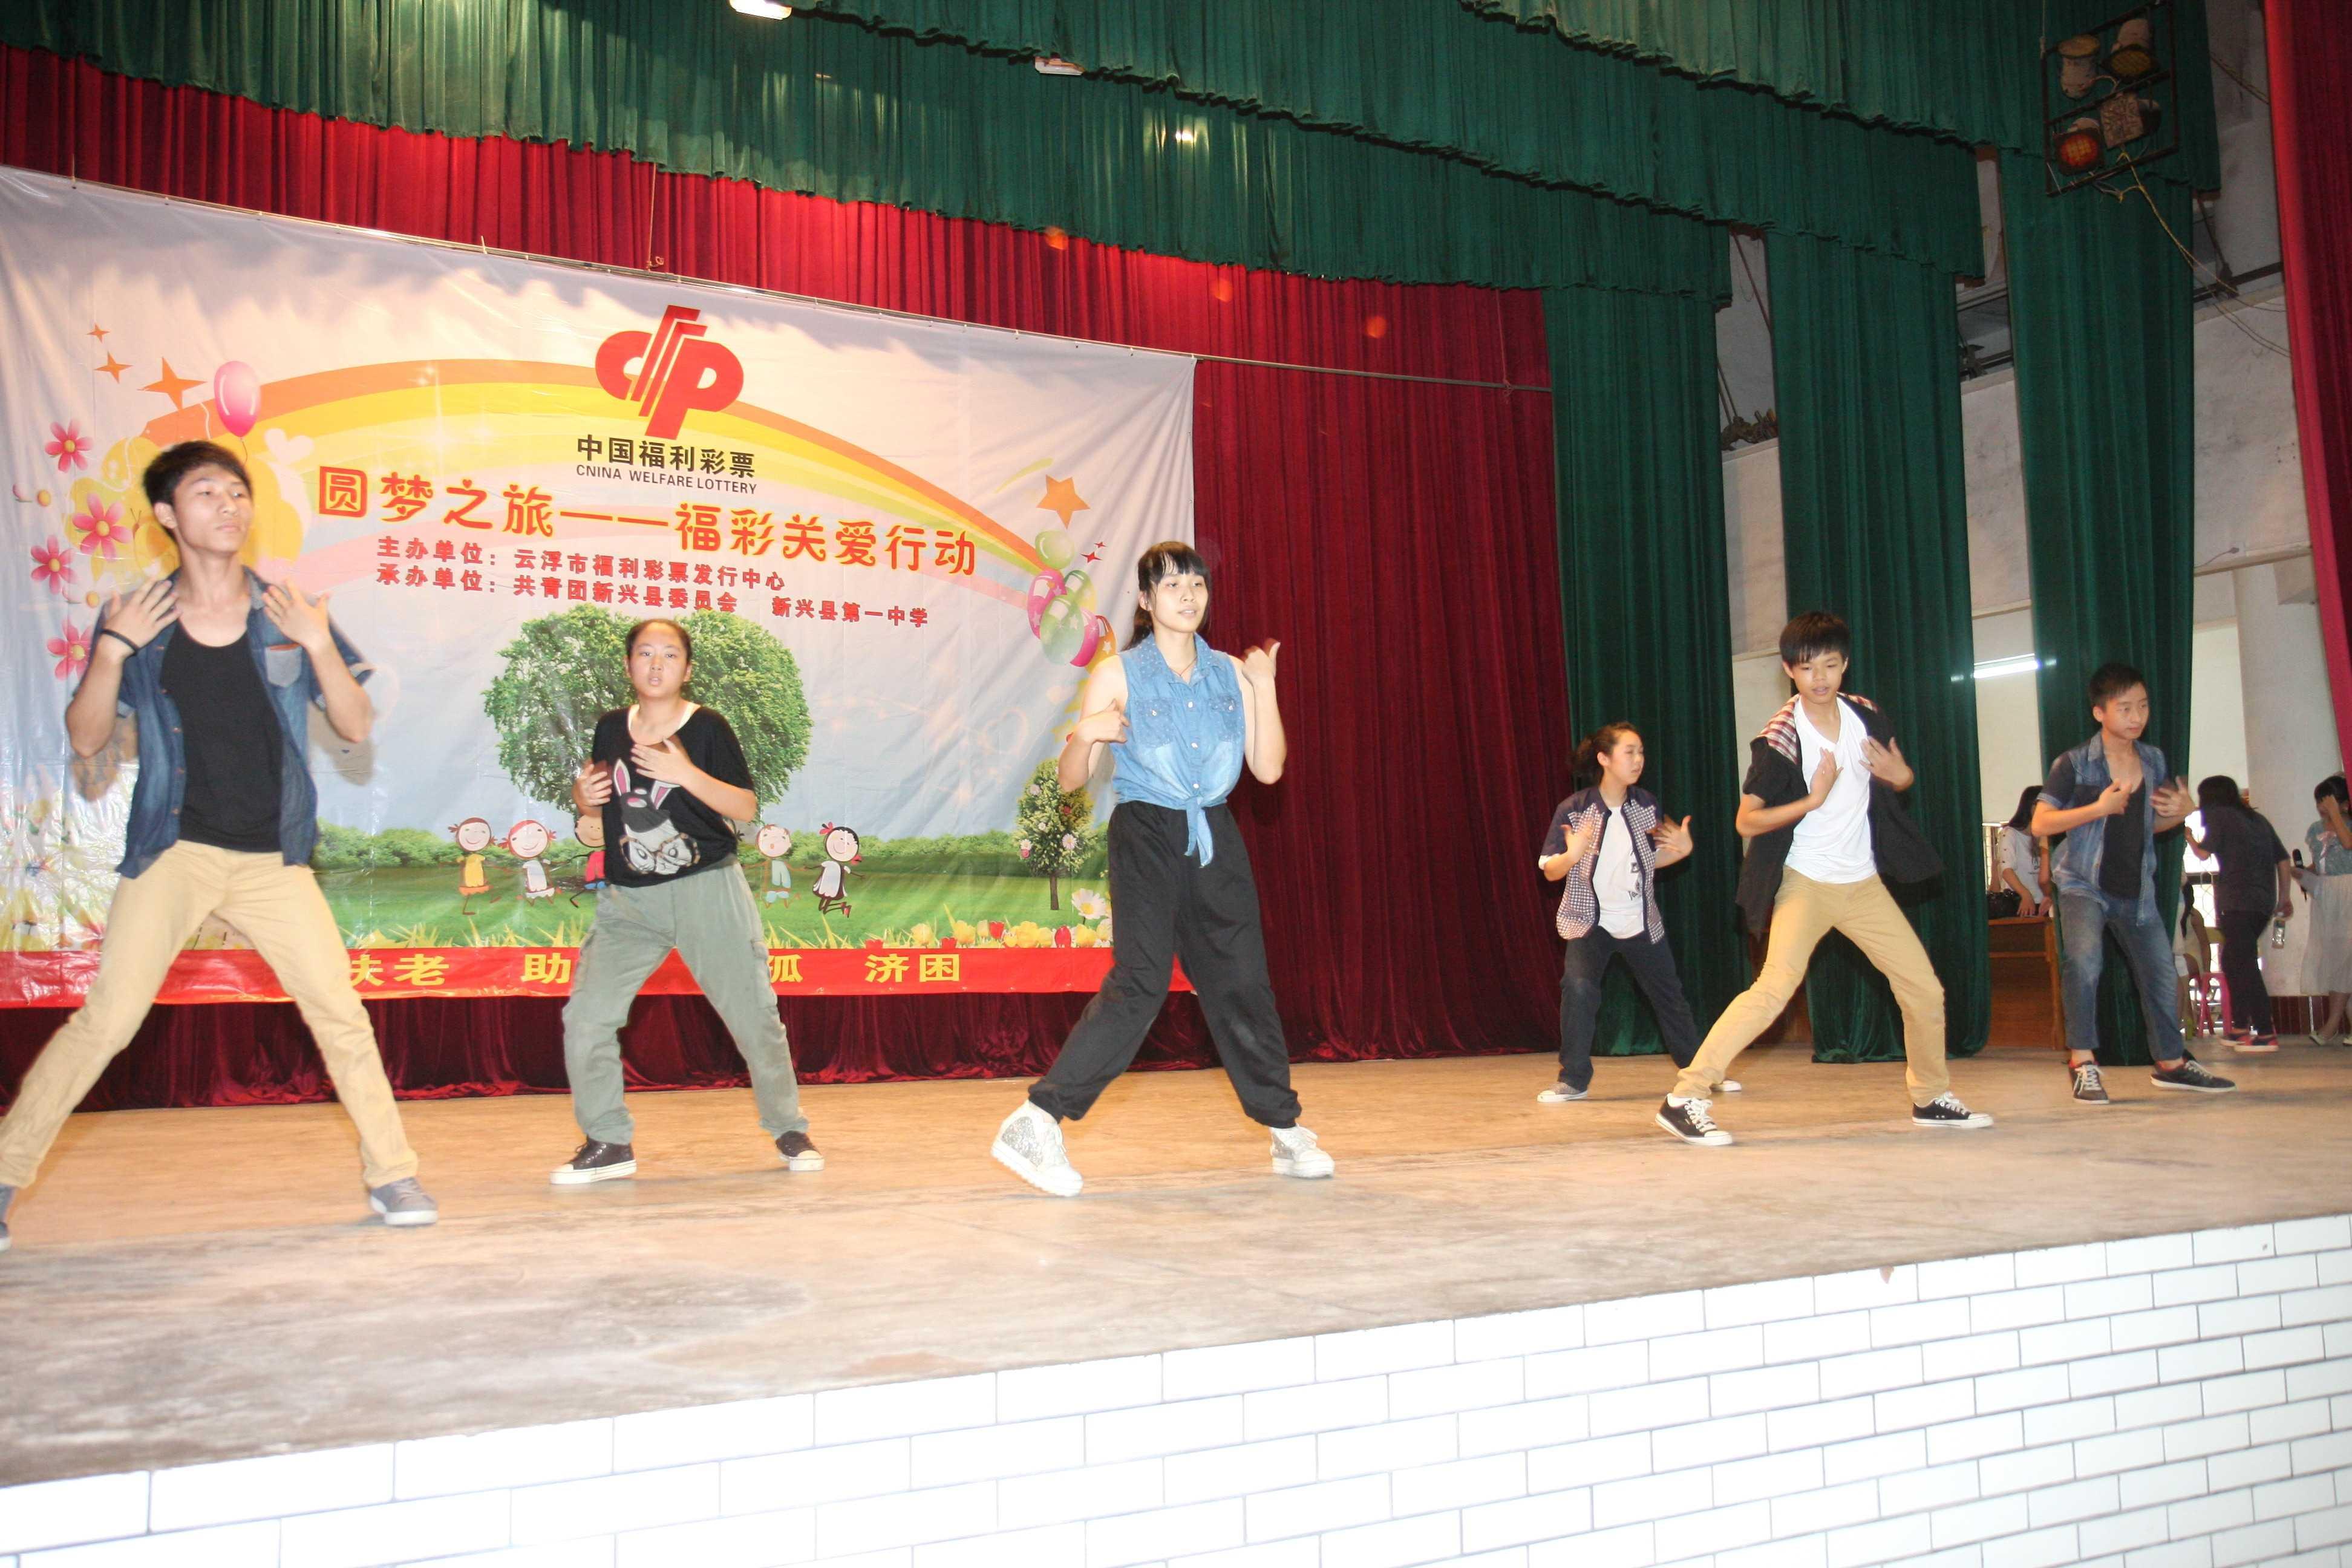 新兴县/当天中午,活动主办方把孩子们带到KFC餐厅,与他们一起提前...